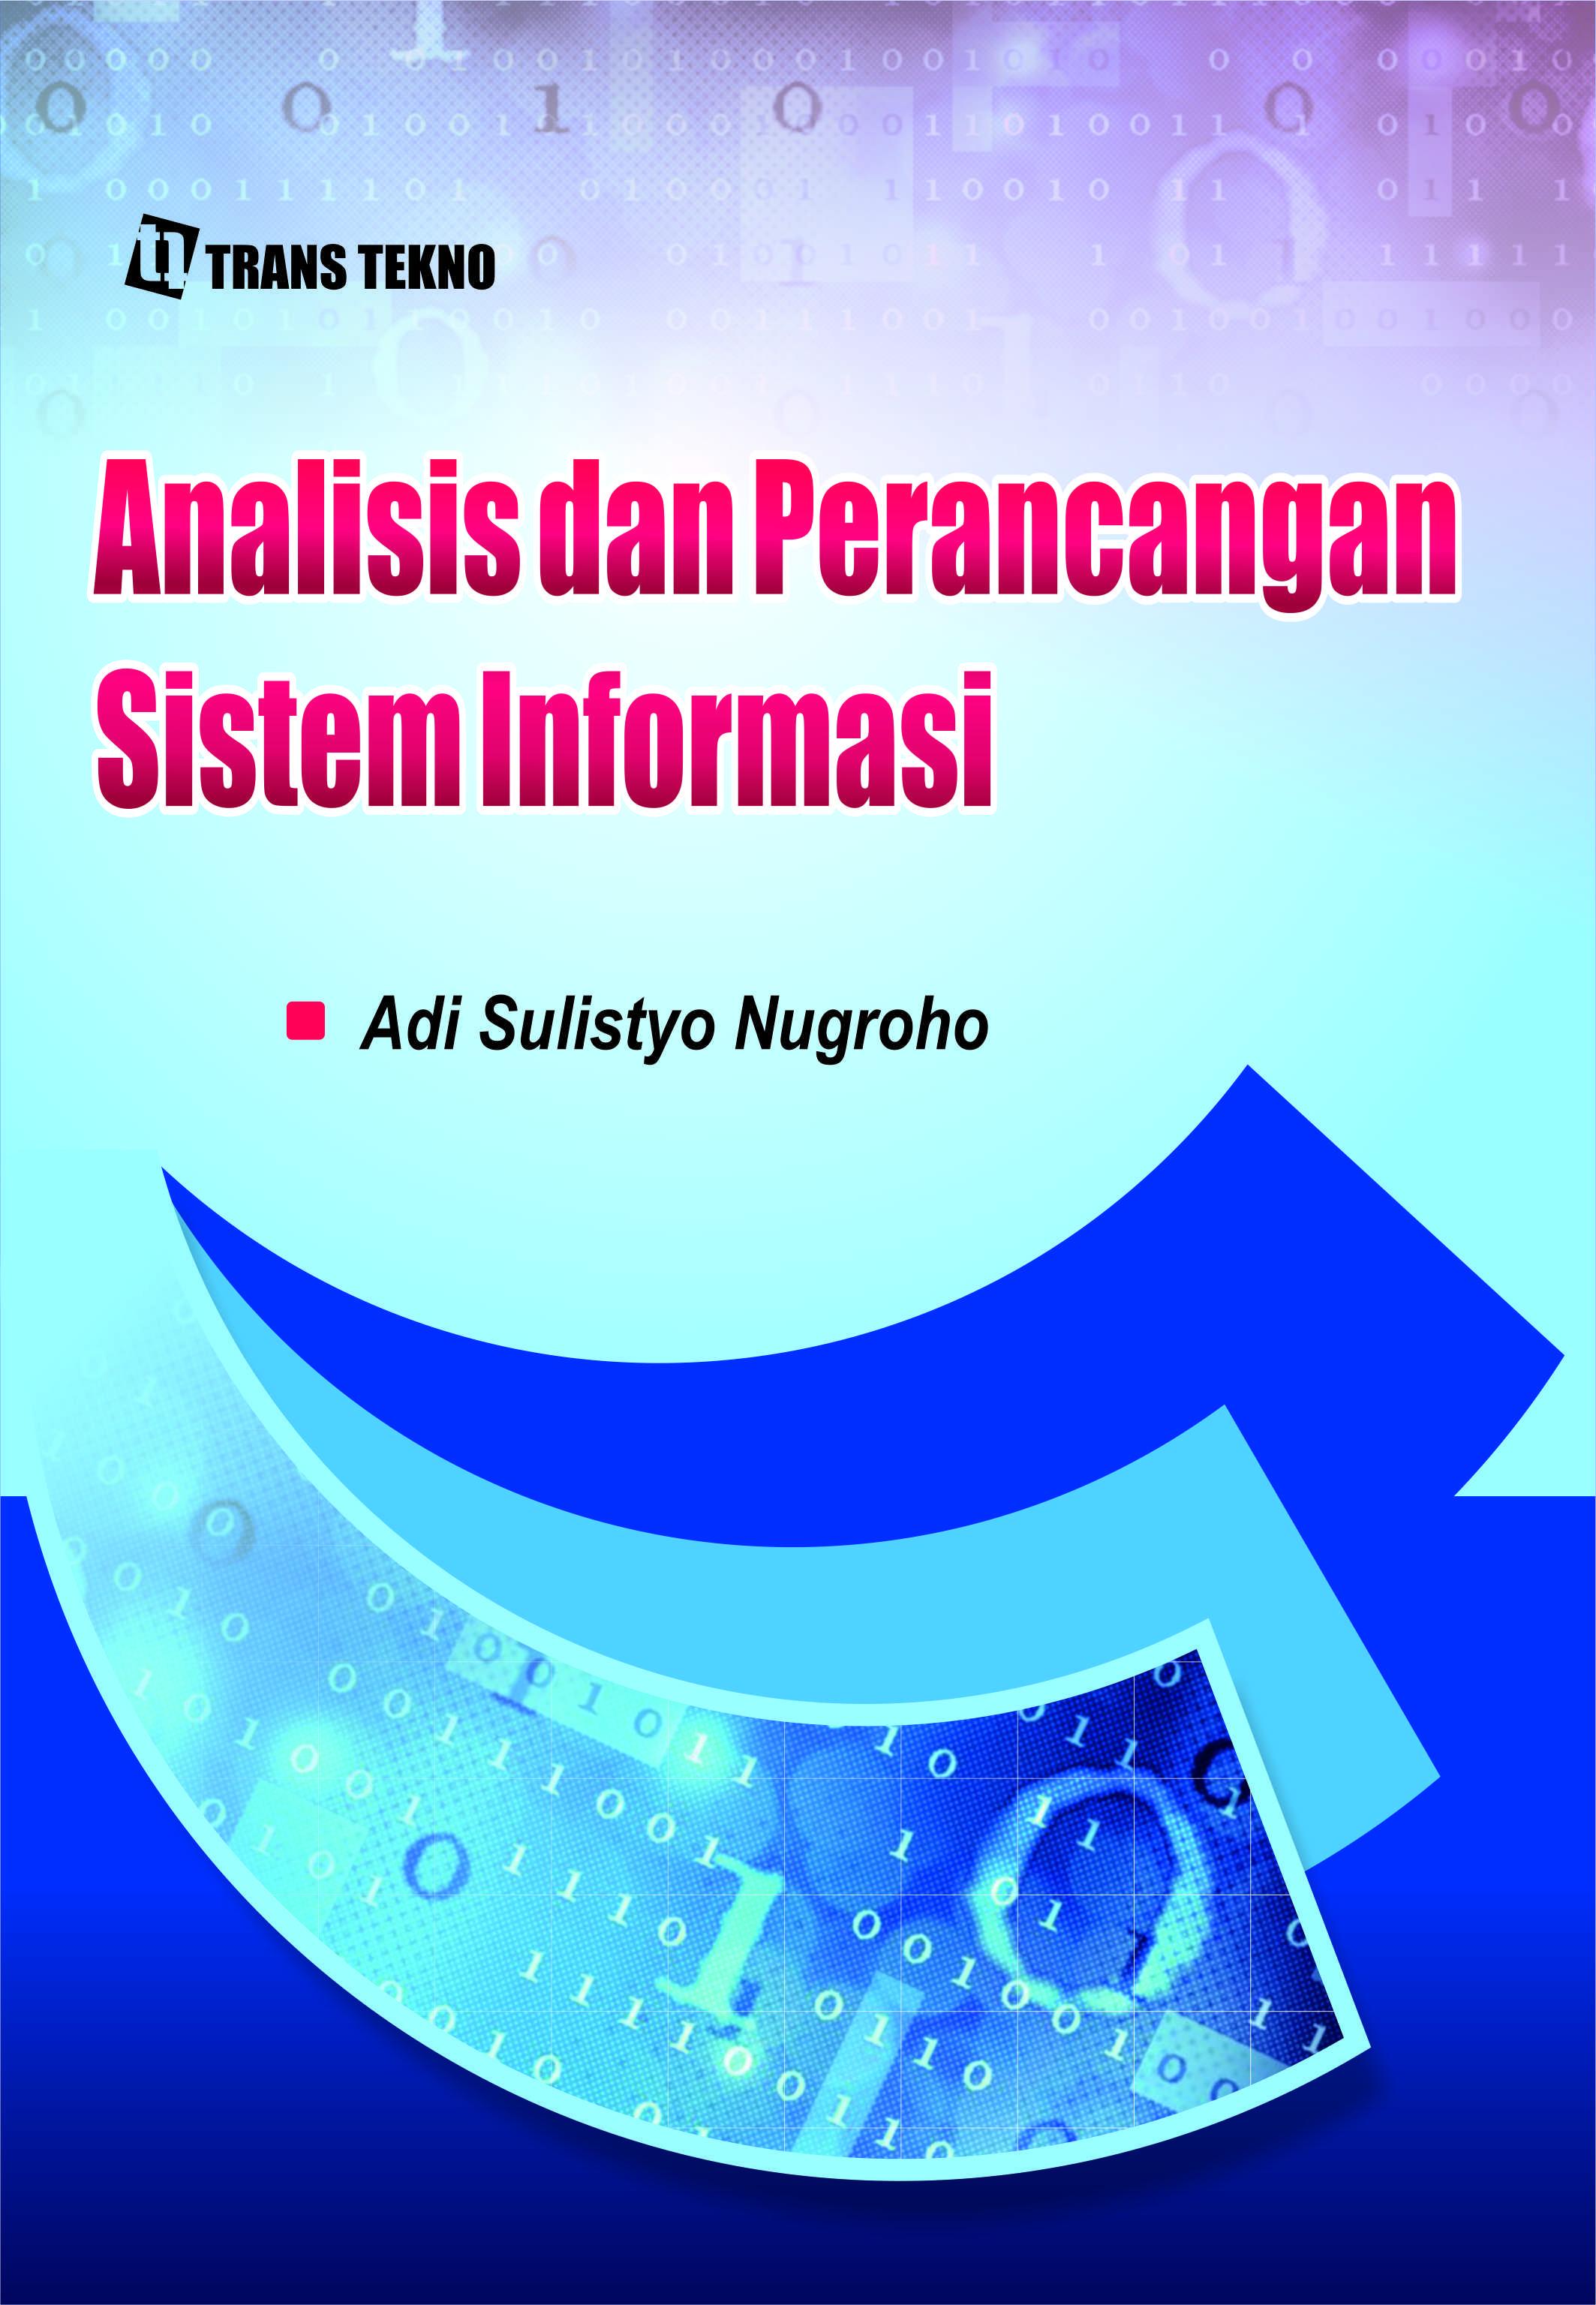 Analisa dan perancangan sistem informasi [sumber elektronis]